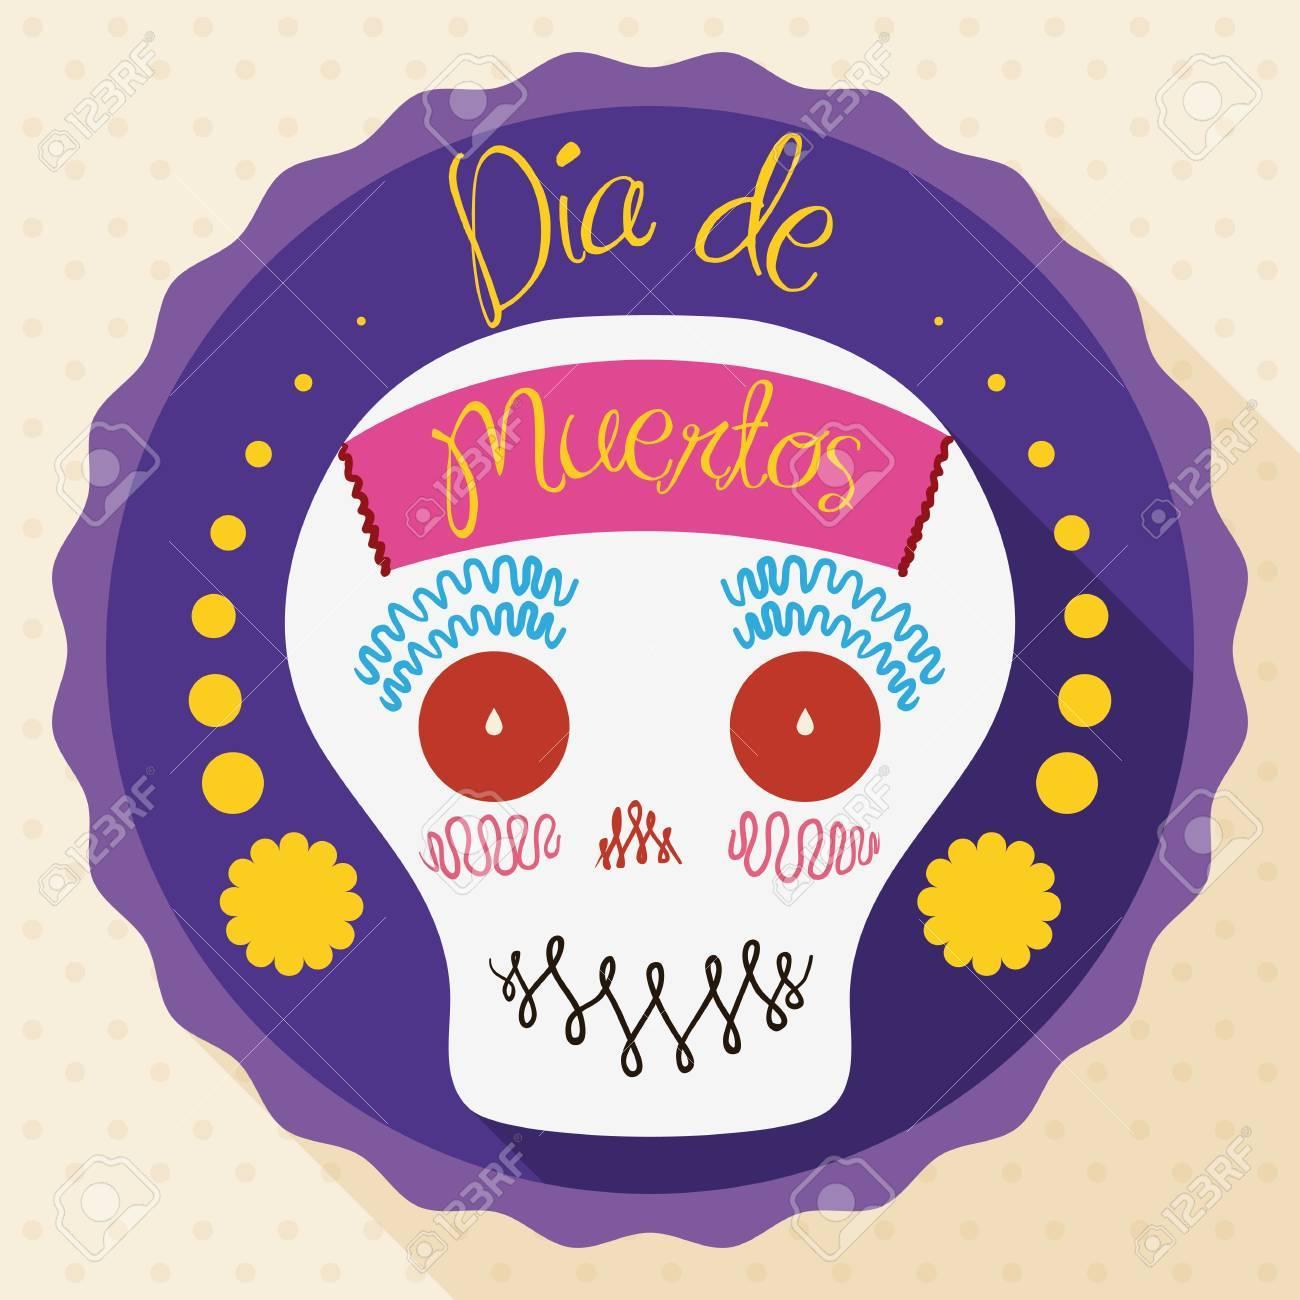 Calavera De Azúcar Linda Y Sonriente Decorada Con Un Papel En La Parte Delantera Dentro De Una Etiqueta De Saludo Para El Día De Muertos En Estilo